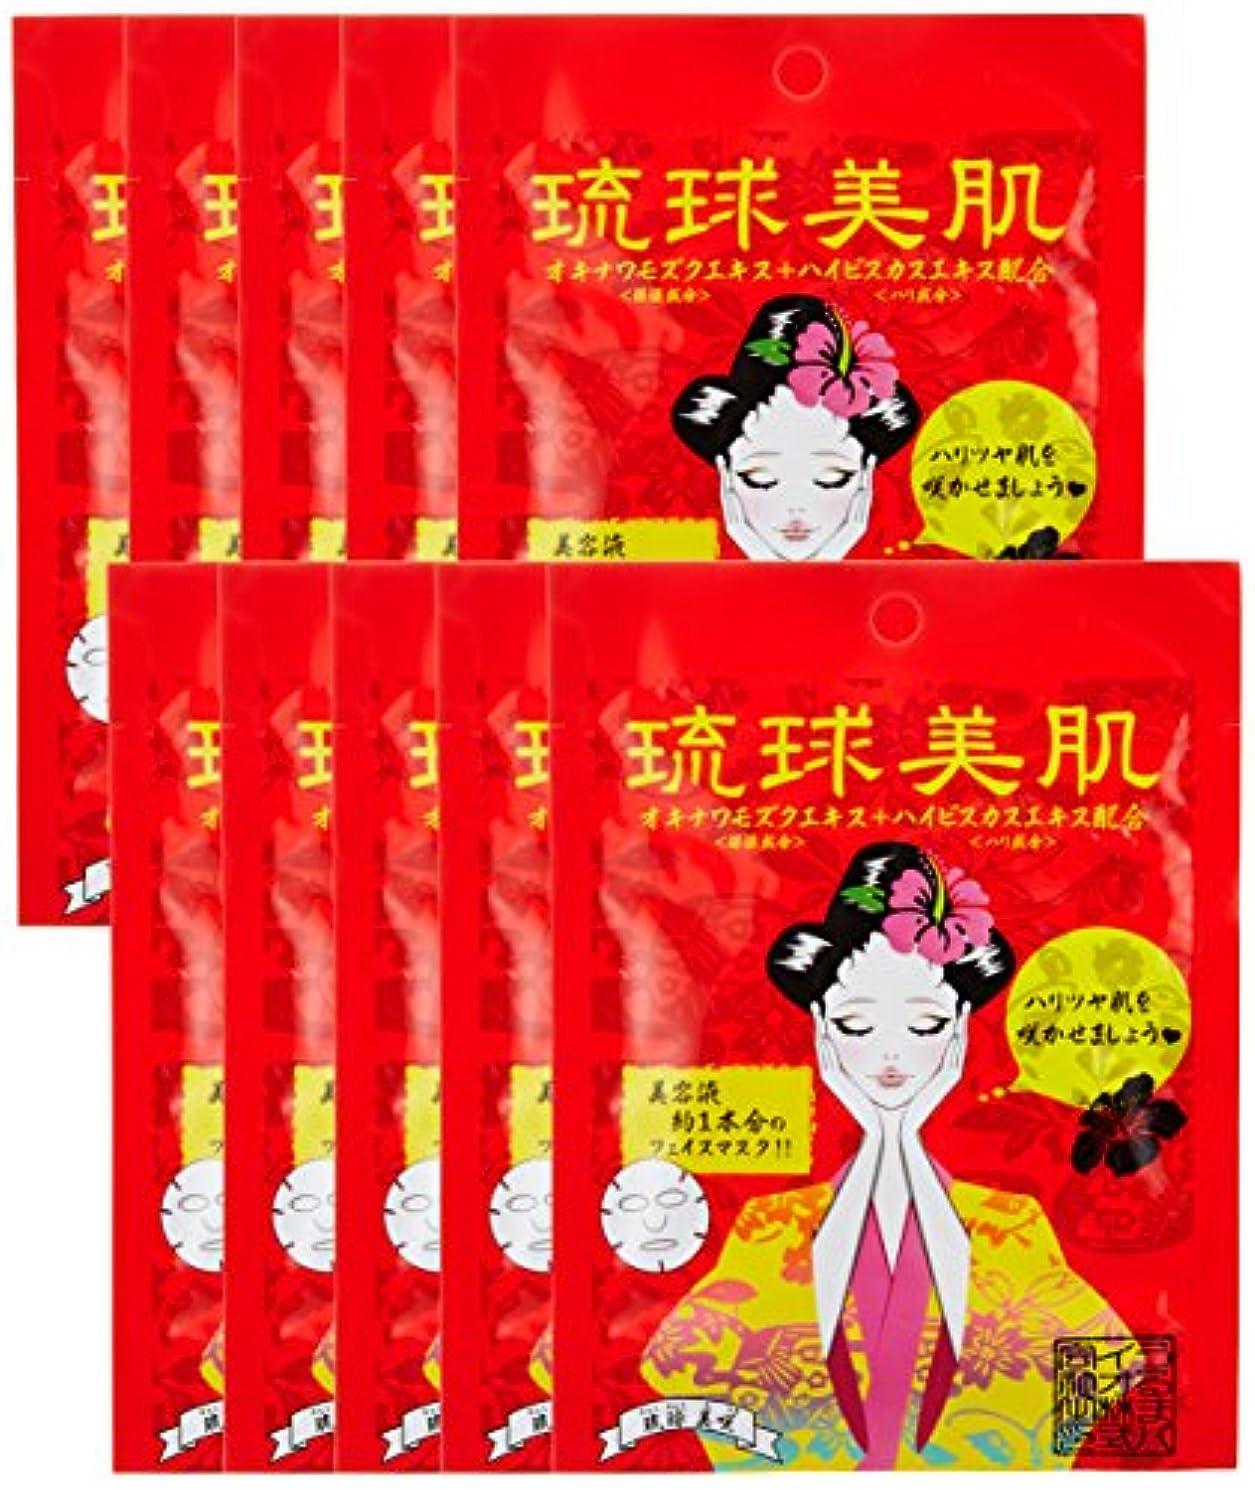 溶かすヒョウ不和琉球美肌 フェイスマスクシート ハイビスカスの香り 10枚セット